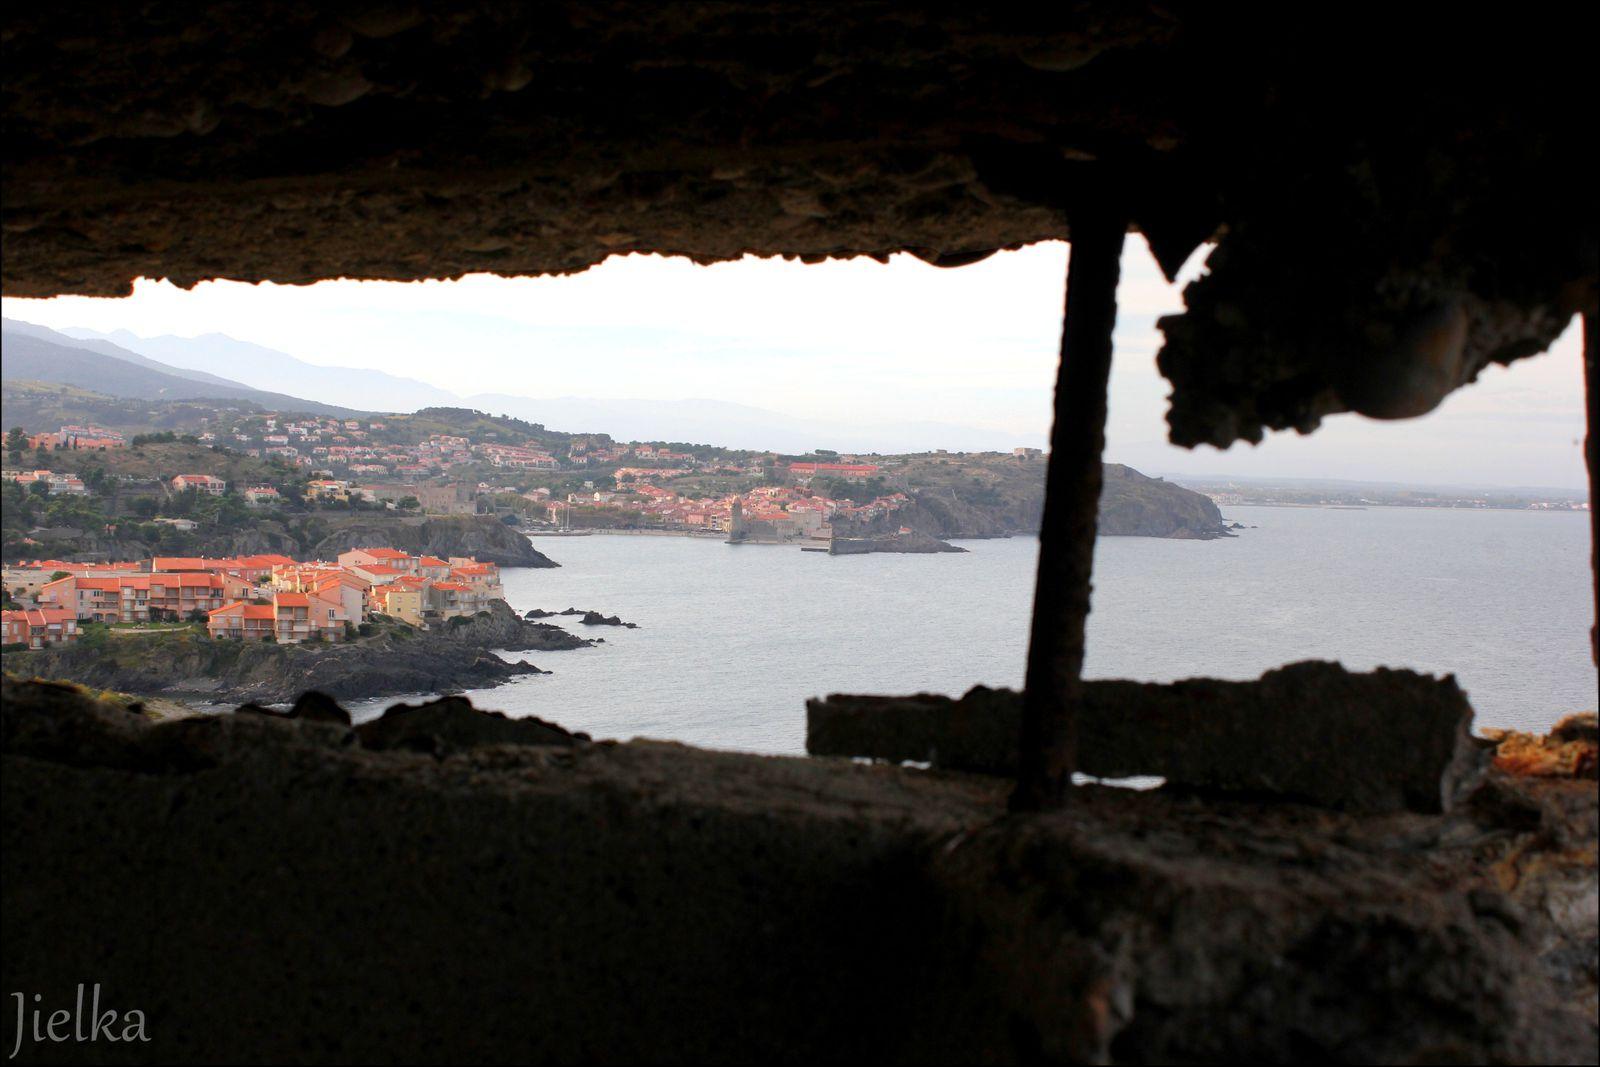 Belle vue sur Colioure et joli dessin sur un mur.